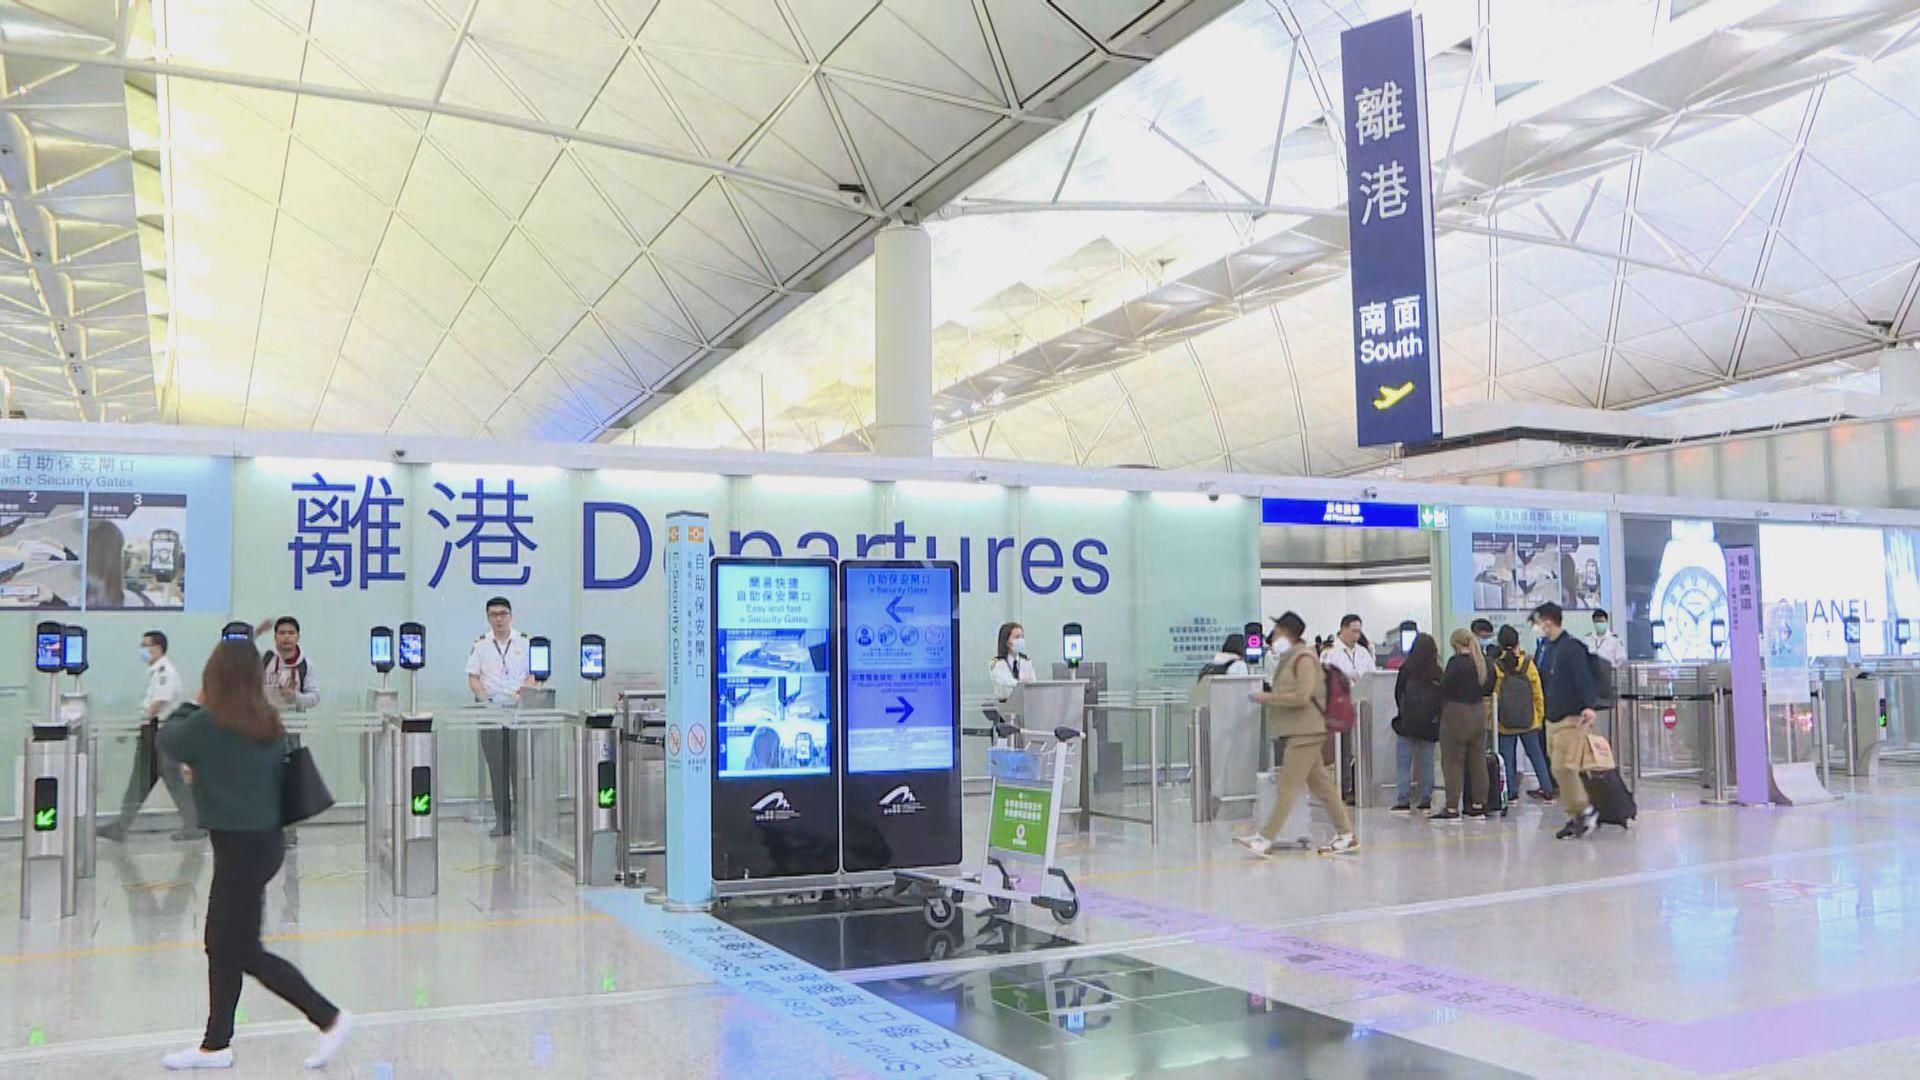 機管局行李運送系統地盤承辦商員工初步確診